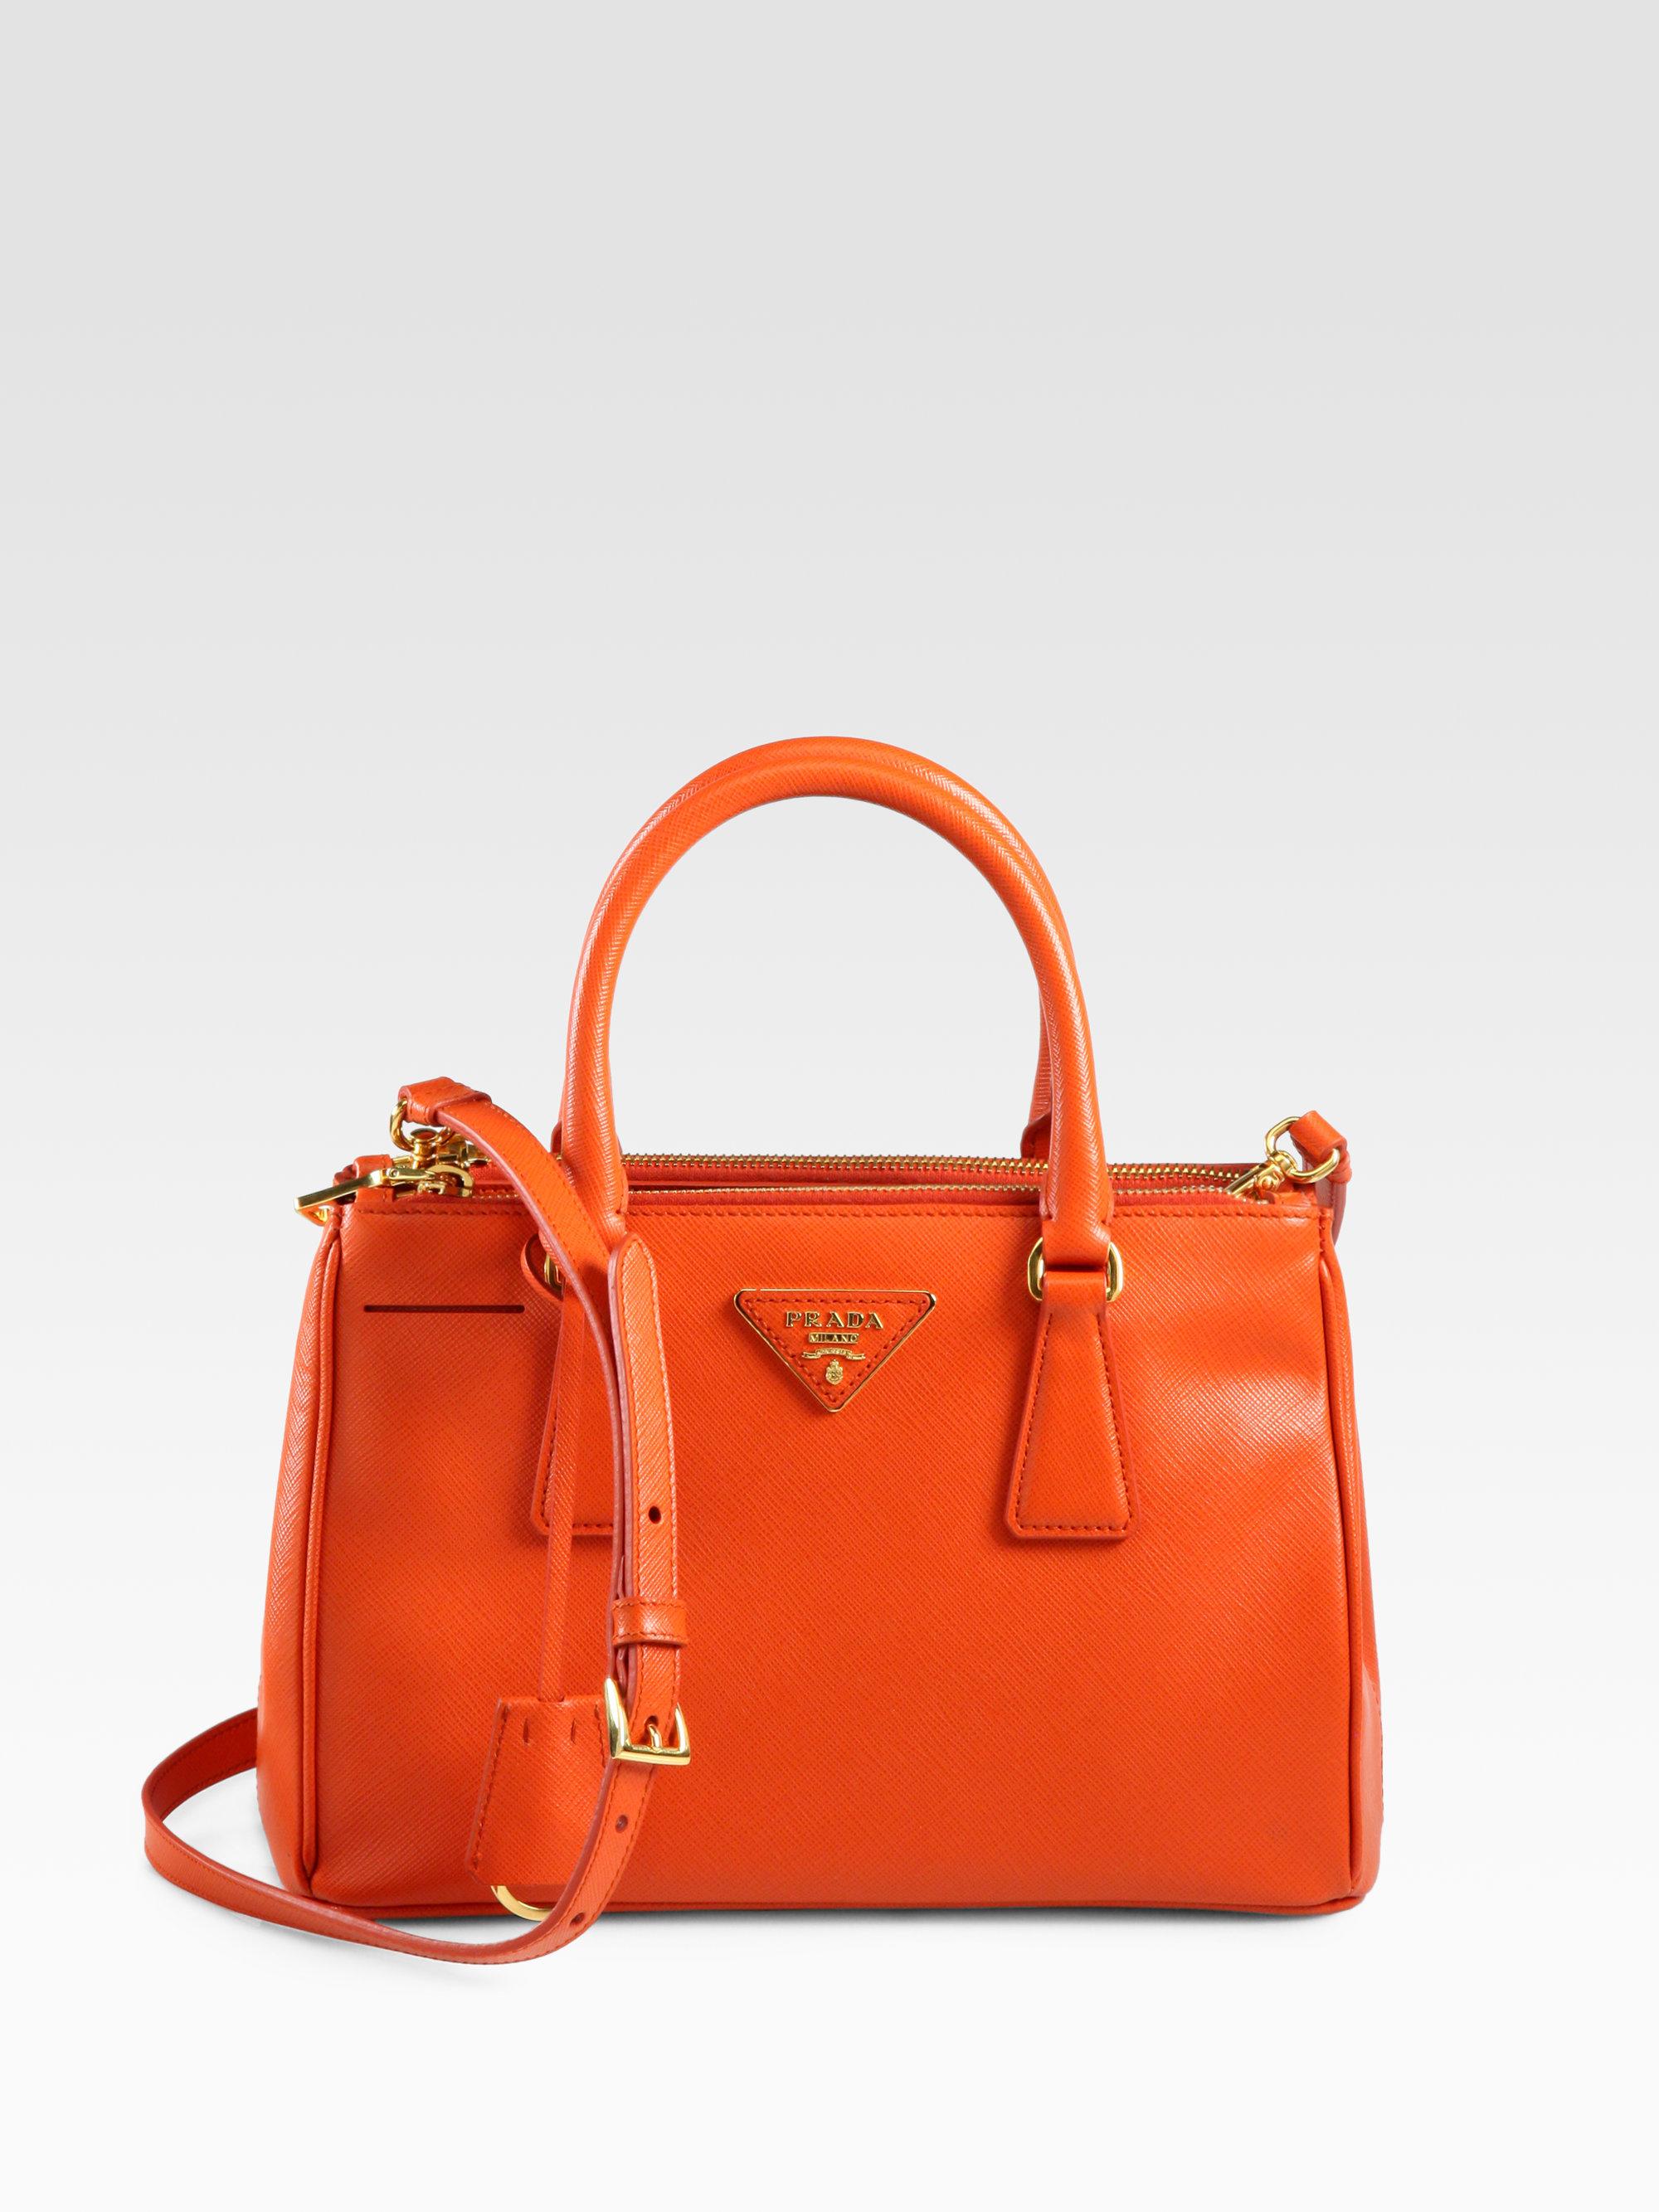 939d21b6537 Prada Saffiano Medium Double-zip Tote Bag in Orange - Lyst